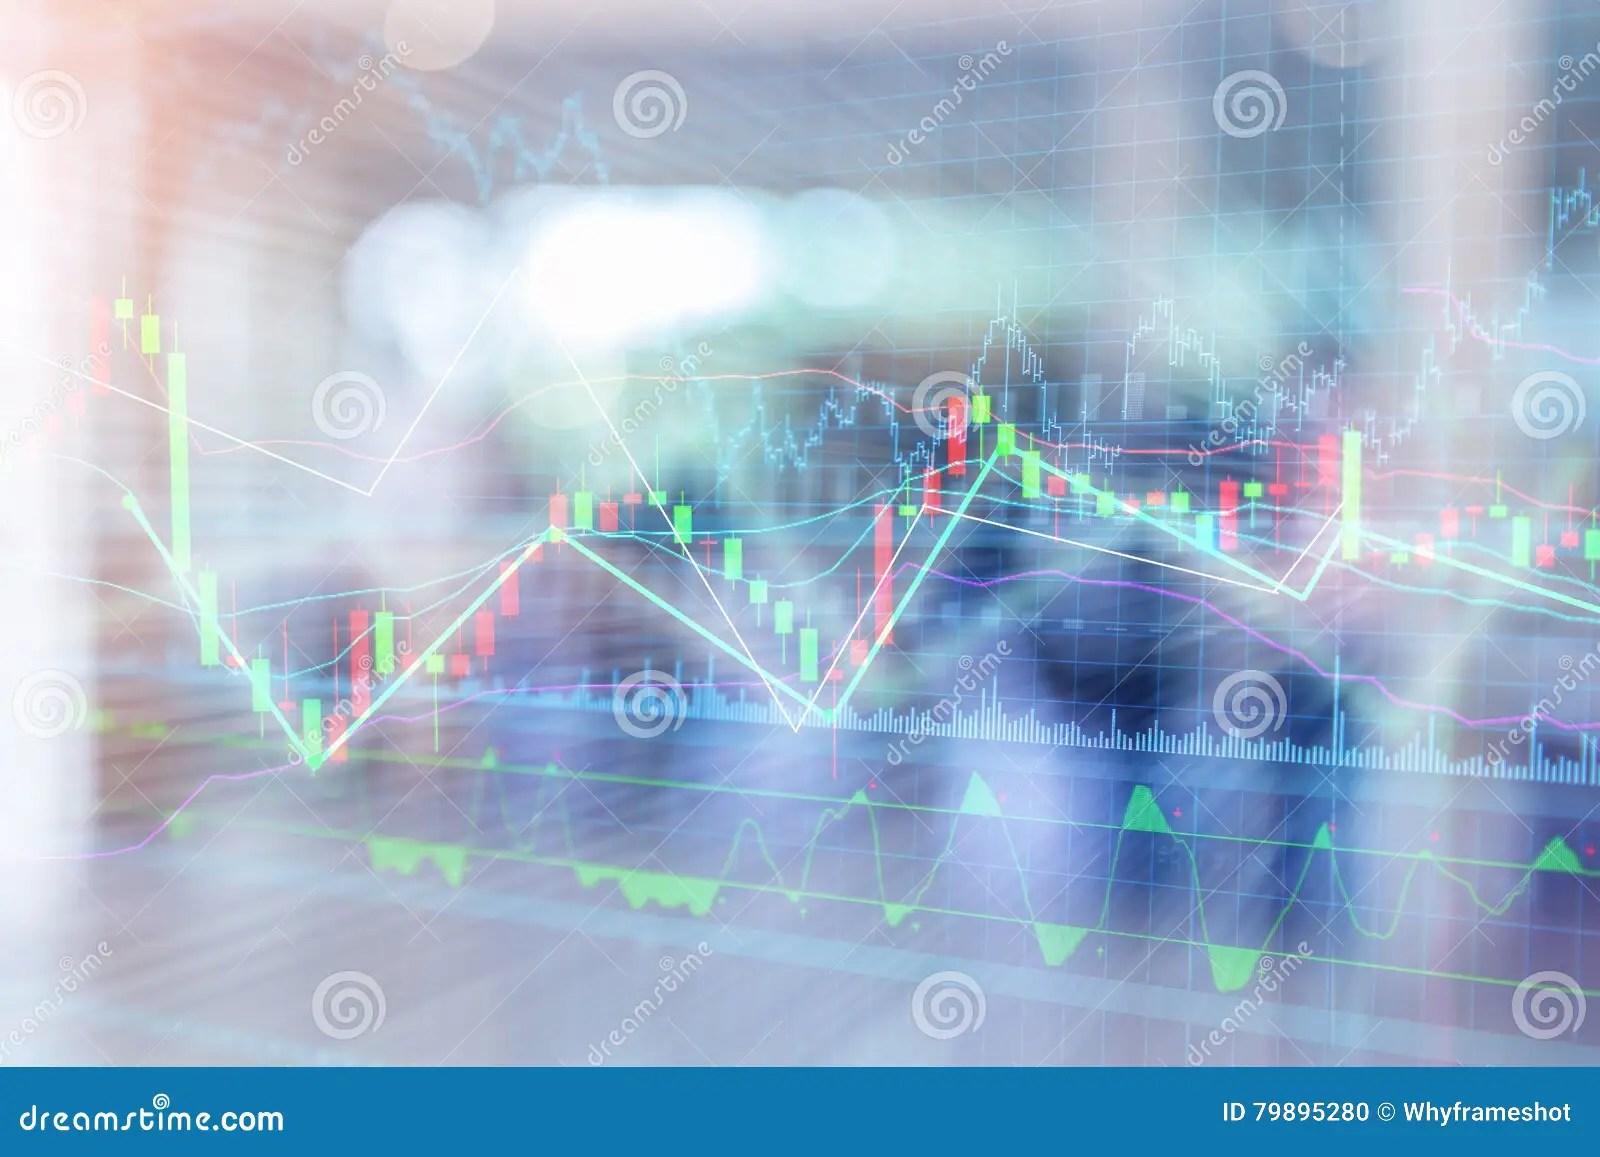 hight resolution of mirez le diagramme de graphique de b ton du commerce d investissement de march boursier